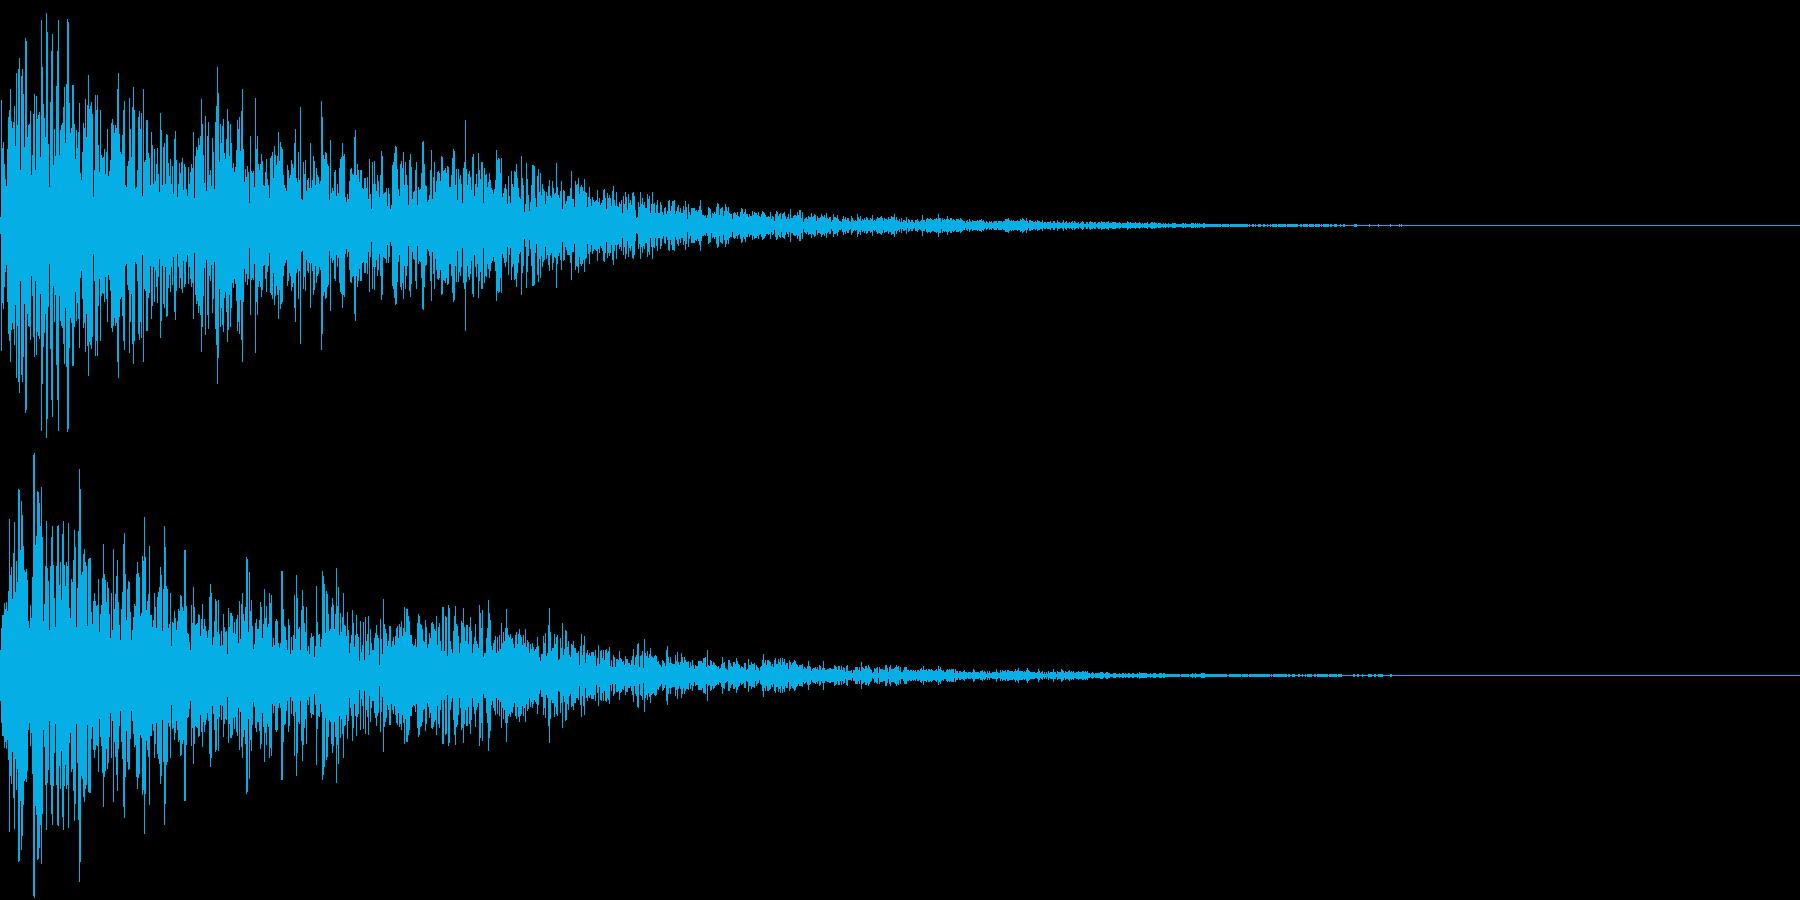 ハリウッド映画の予告のような効果音の再生済みの波形